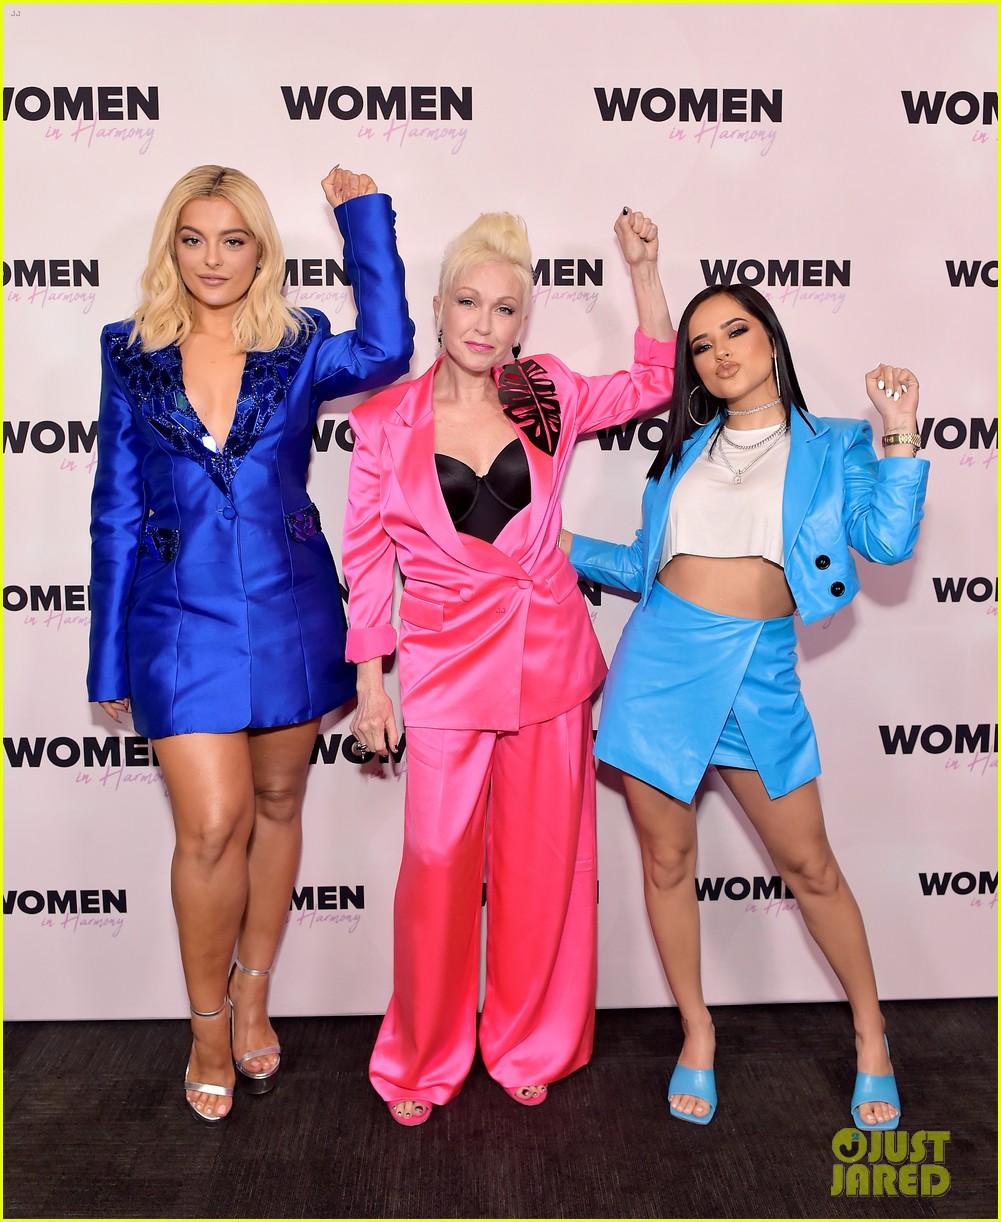 bebe rexha women in harmony event 03